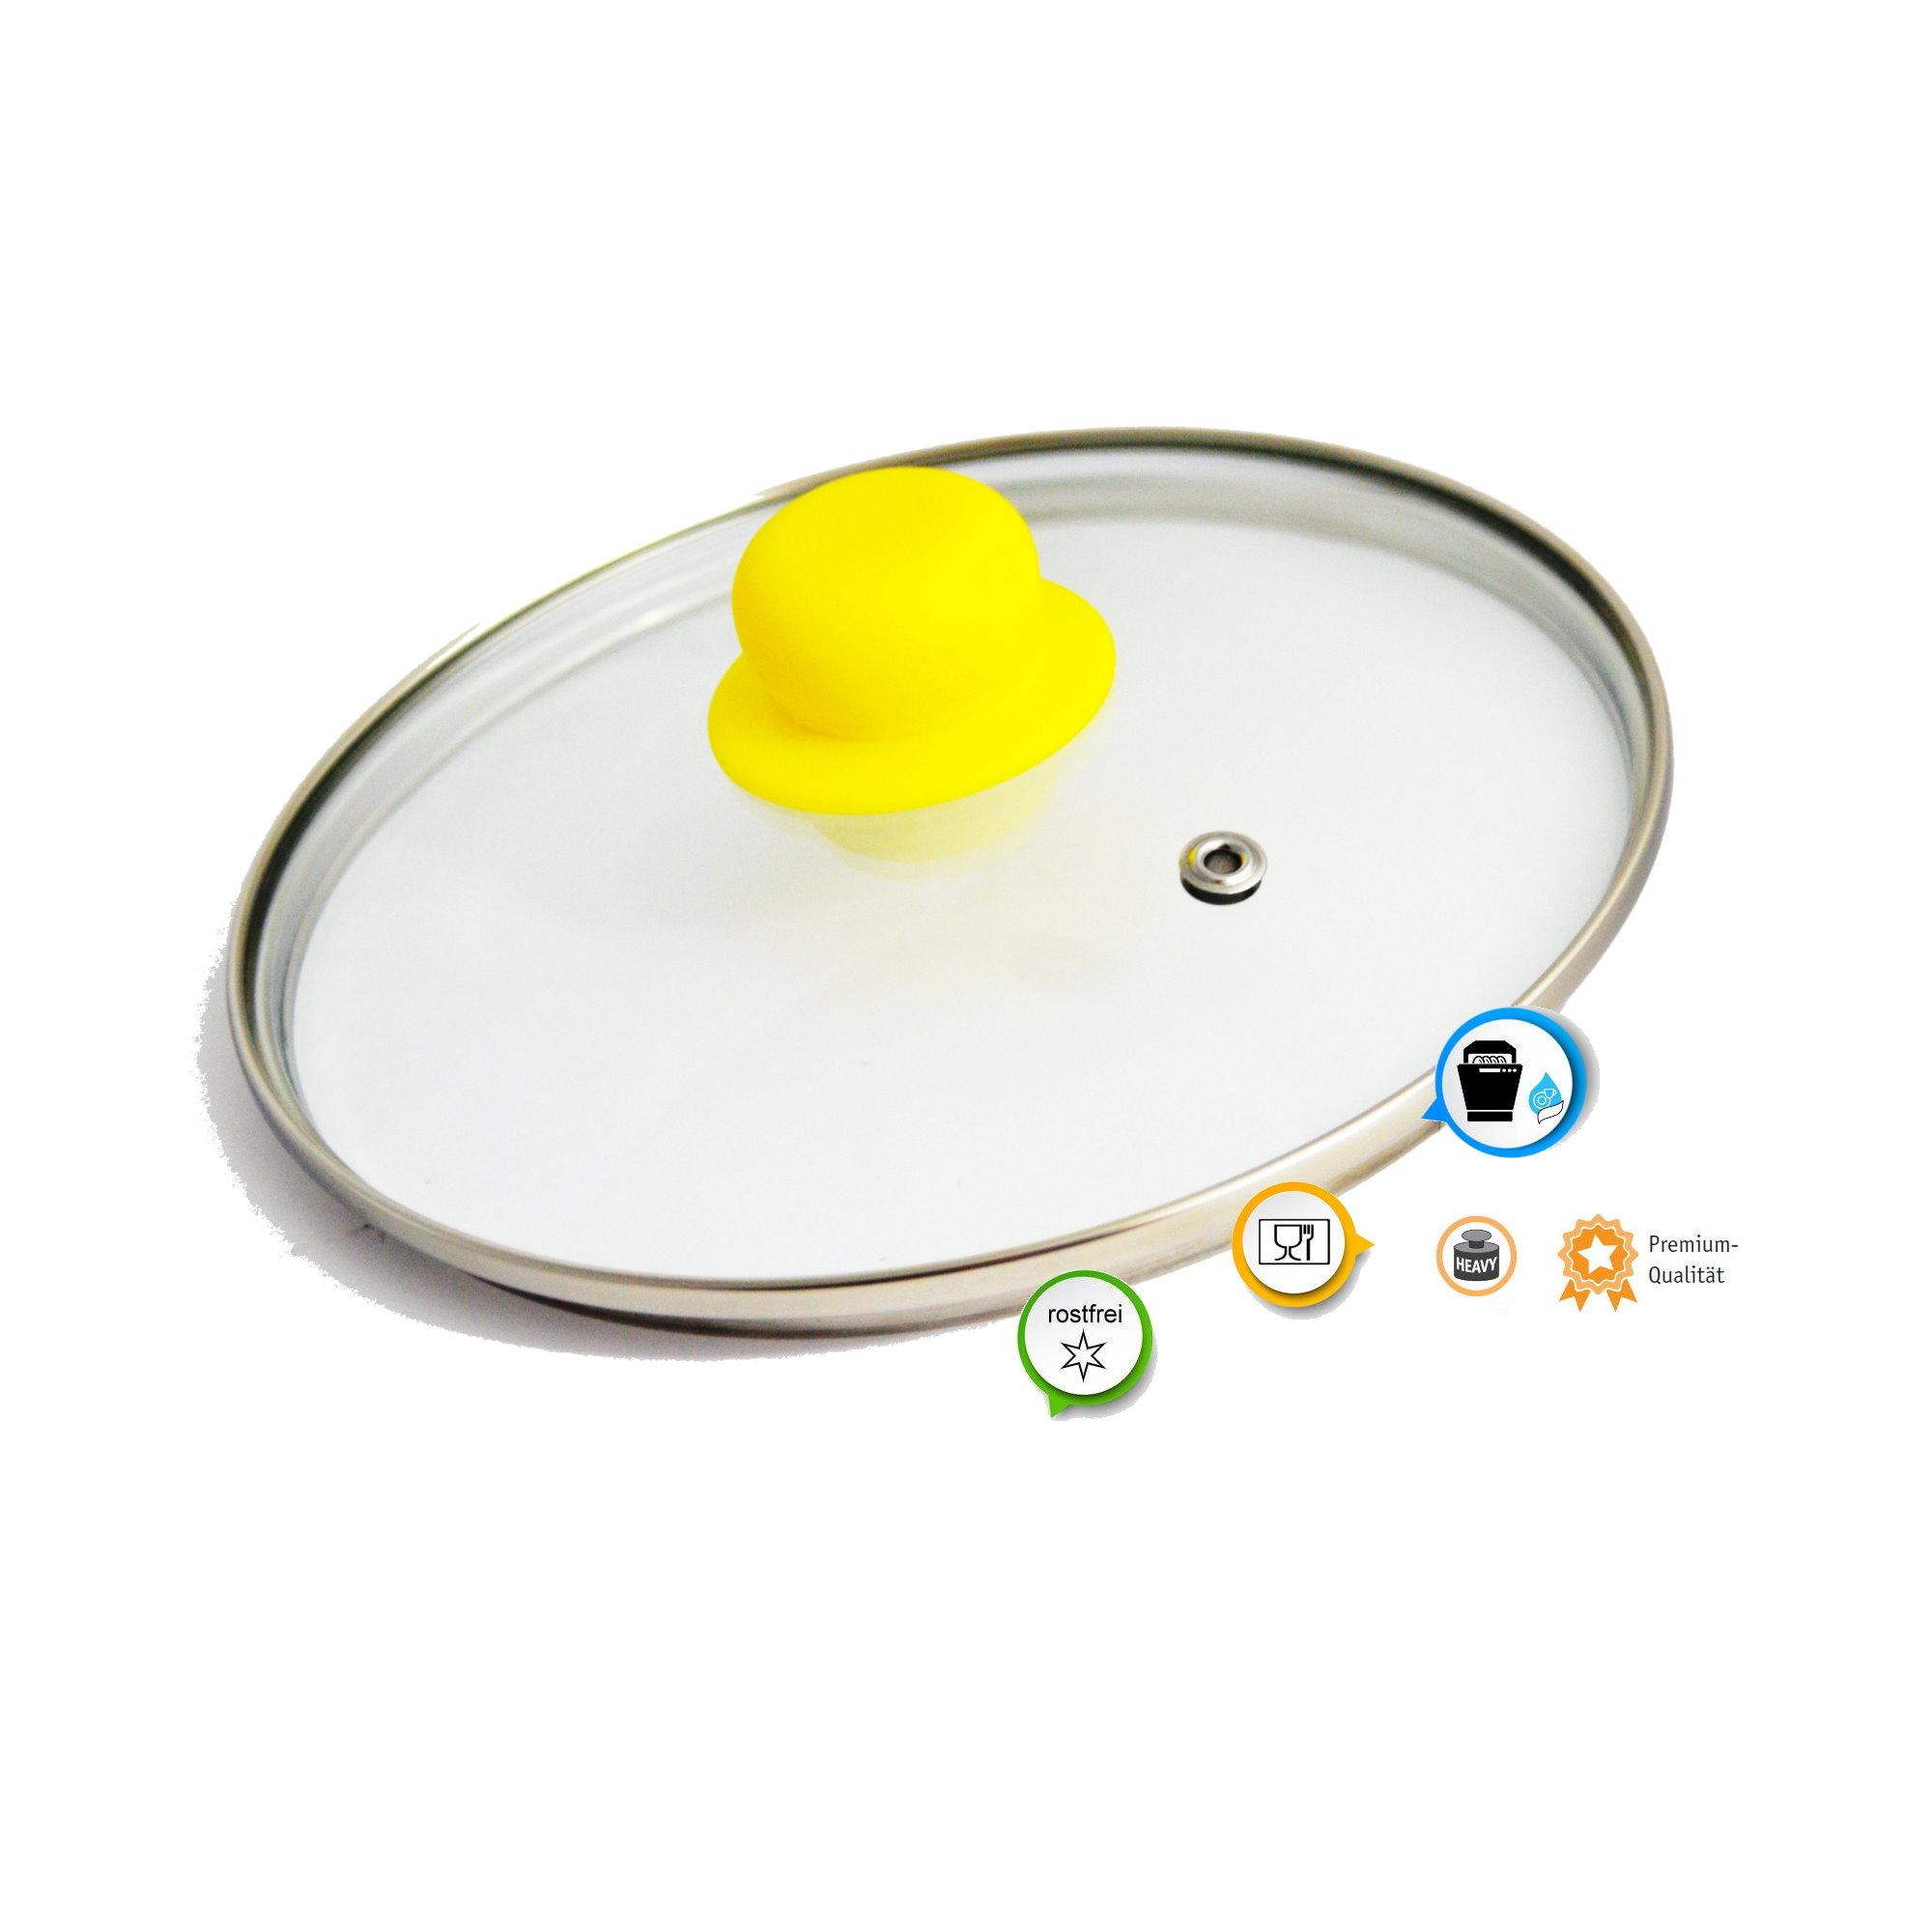 topfdeckel glasdeckel ersatz topf glas deckel pfannendeckel gelber griff 18 cm ebay. Black Bedroom Furniture Sets. Home Design Ideas